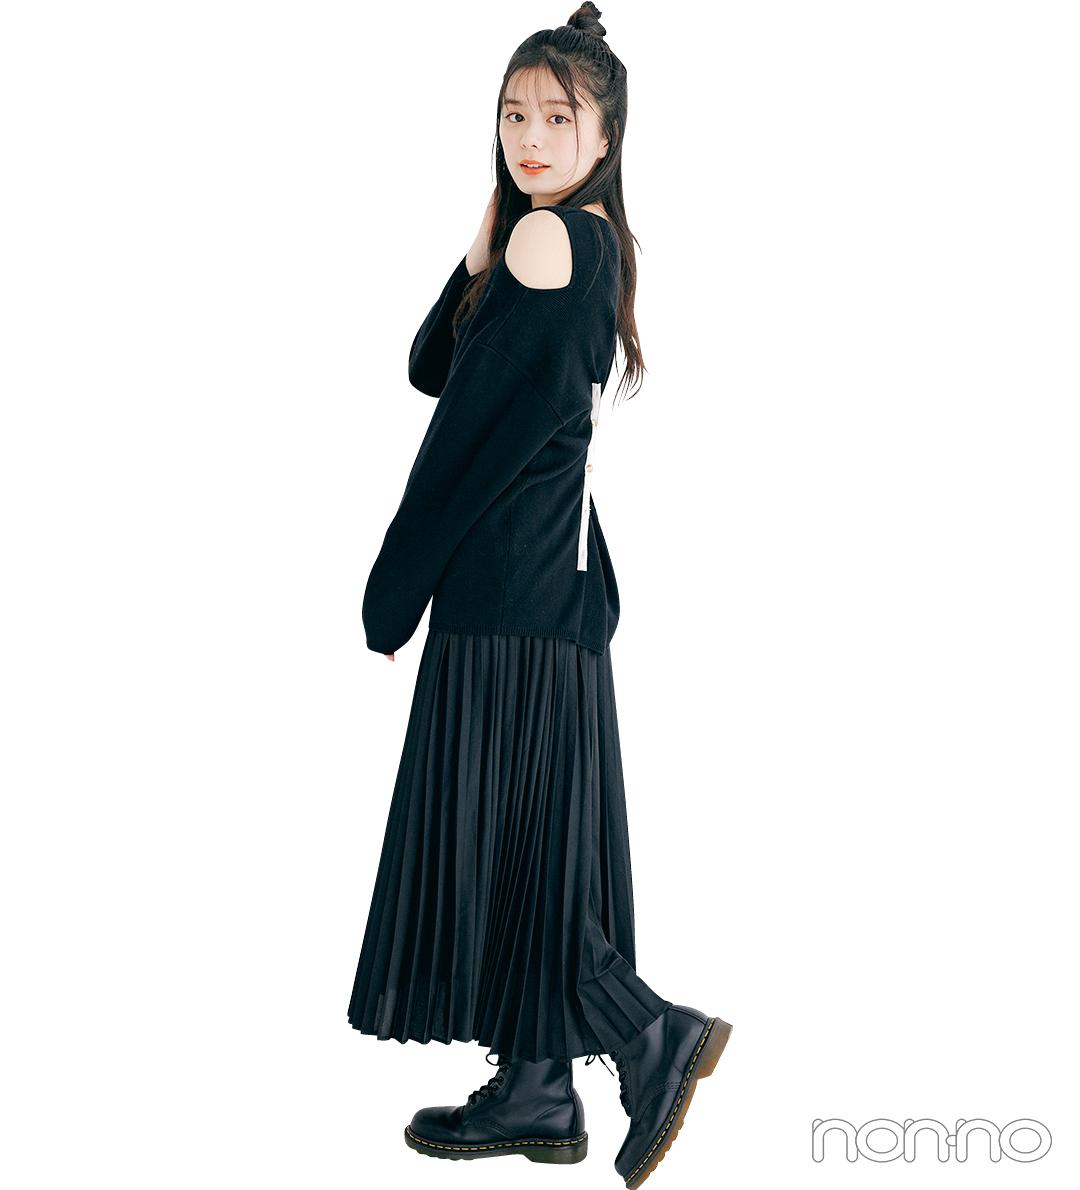 新ノンノモデル紺野彩夏の意外な素顔とは? 私服も披露!_1_12